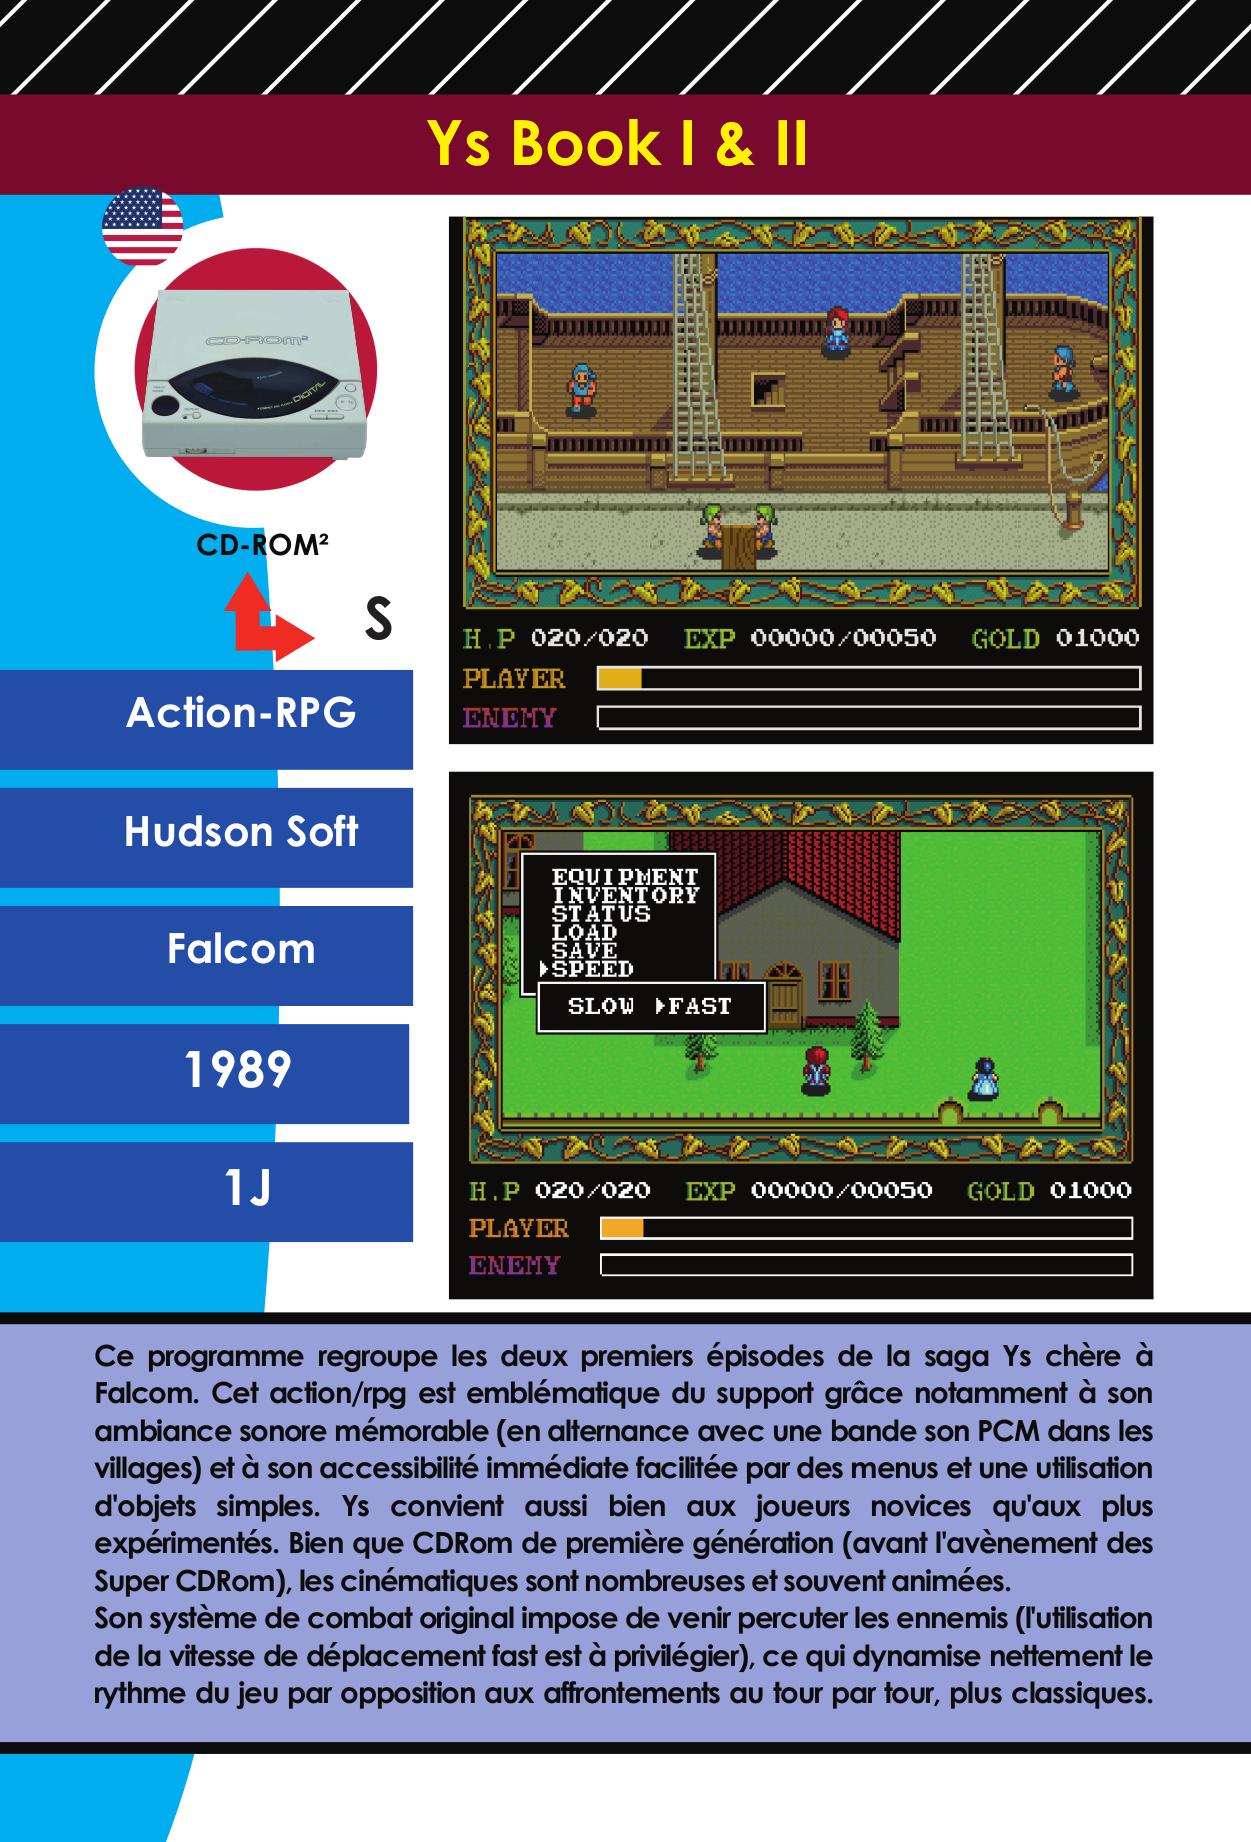 Fiche encyclopédie du jeu vidéo Y's PC Engine